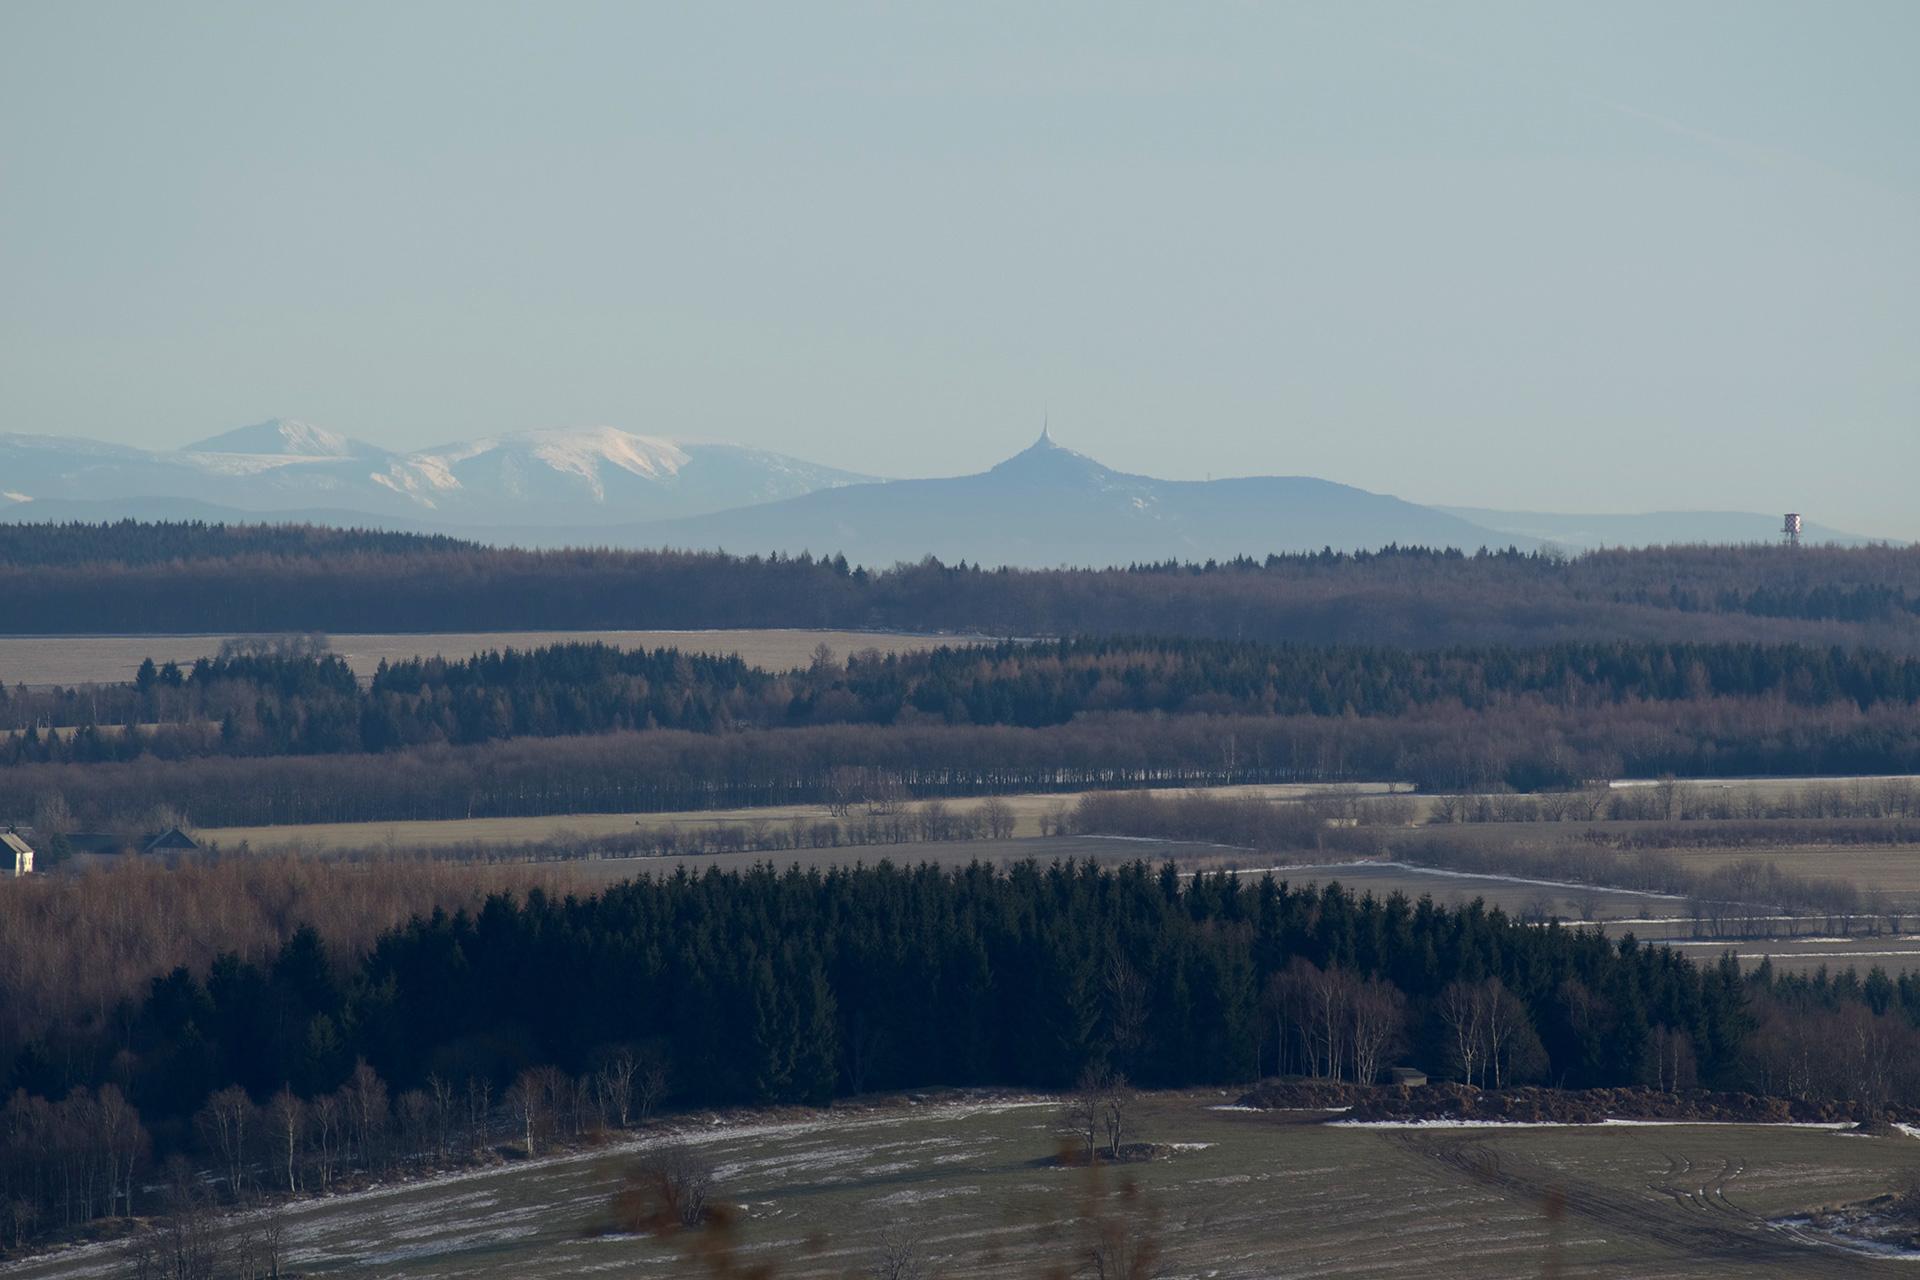 JeschkenundRiesengebirgevonAltenbergaus